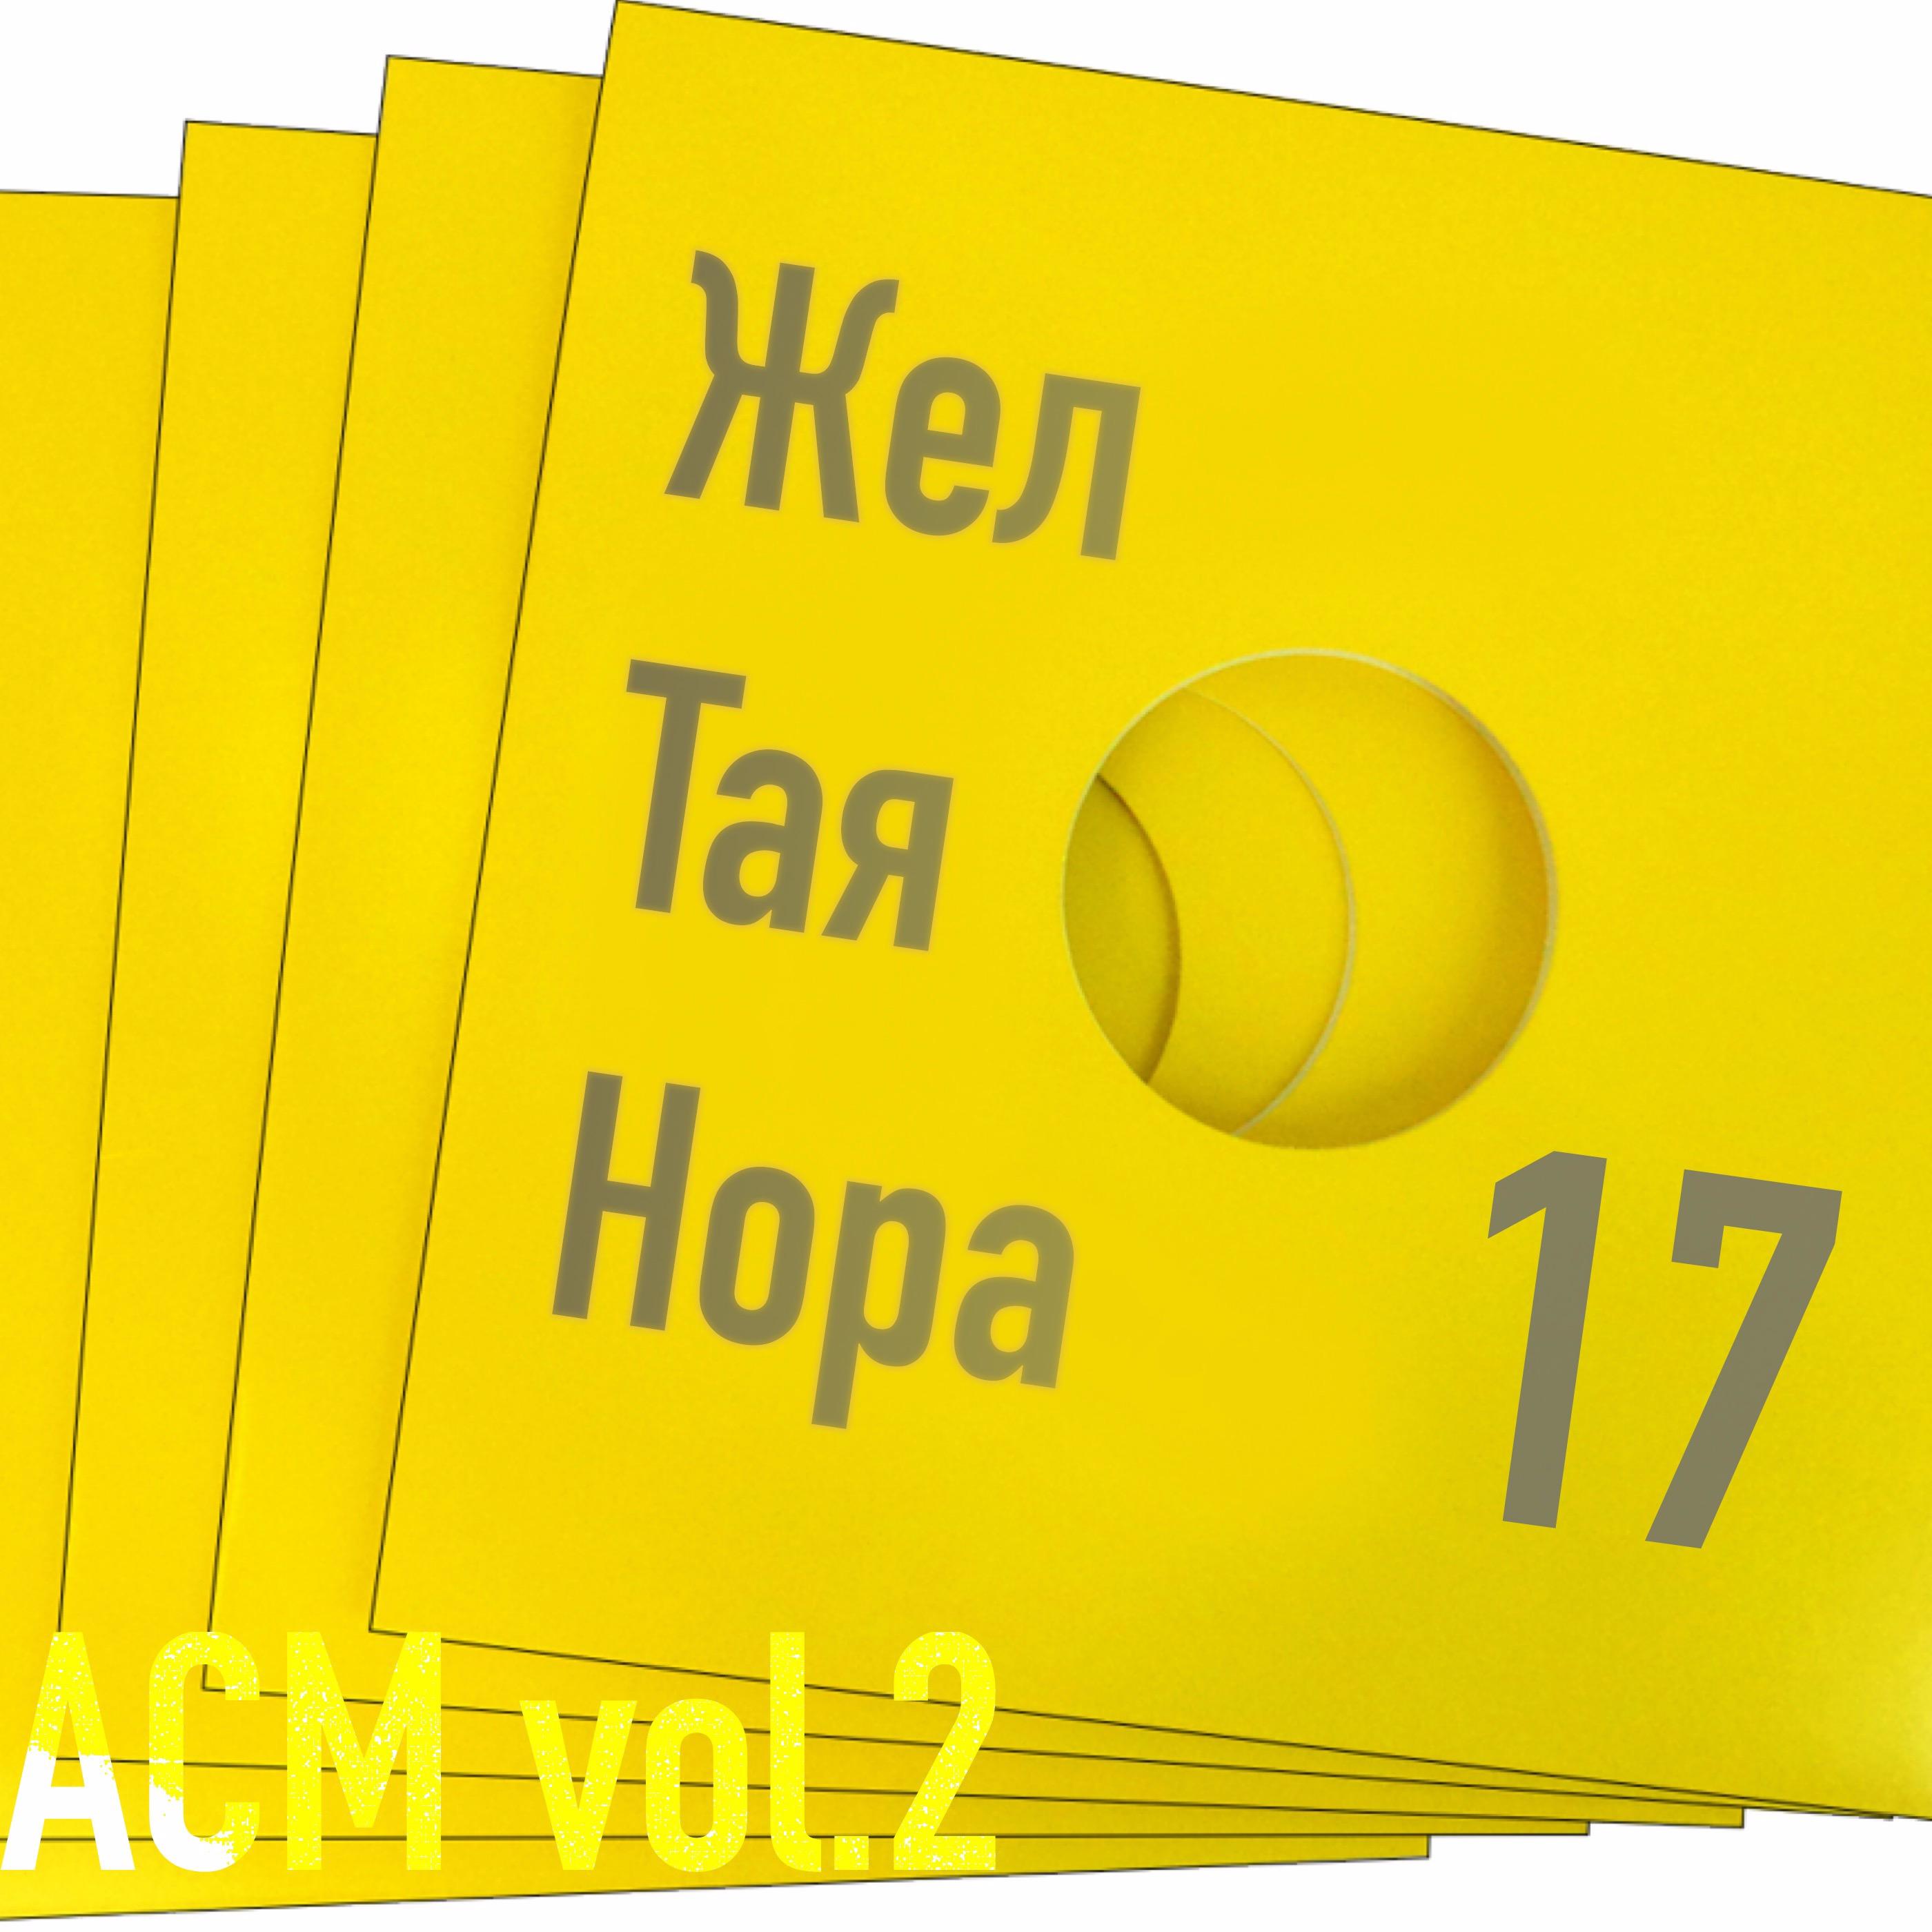 s1e17 - Awesome Саратов Mix vol.2